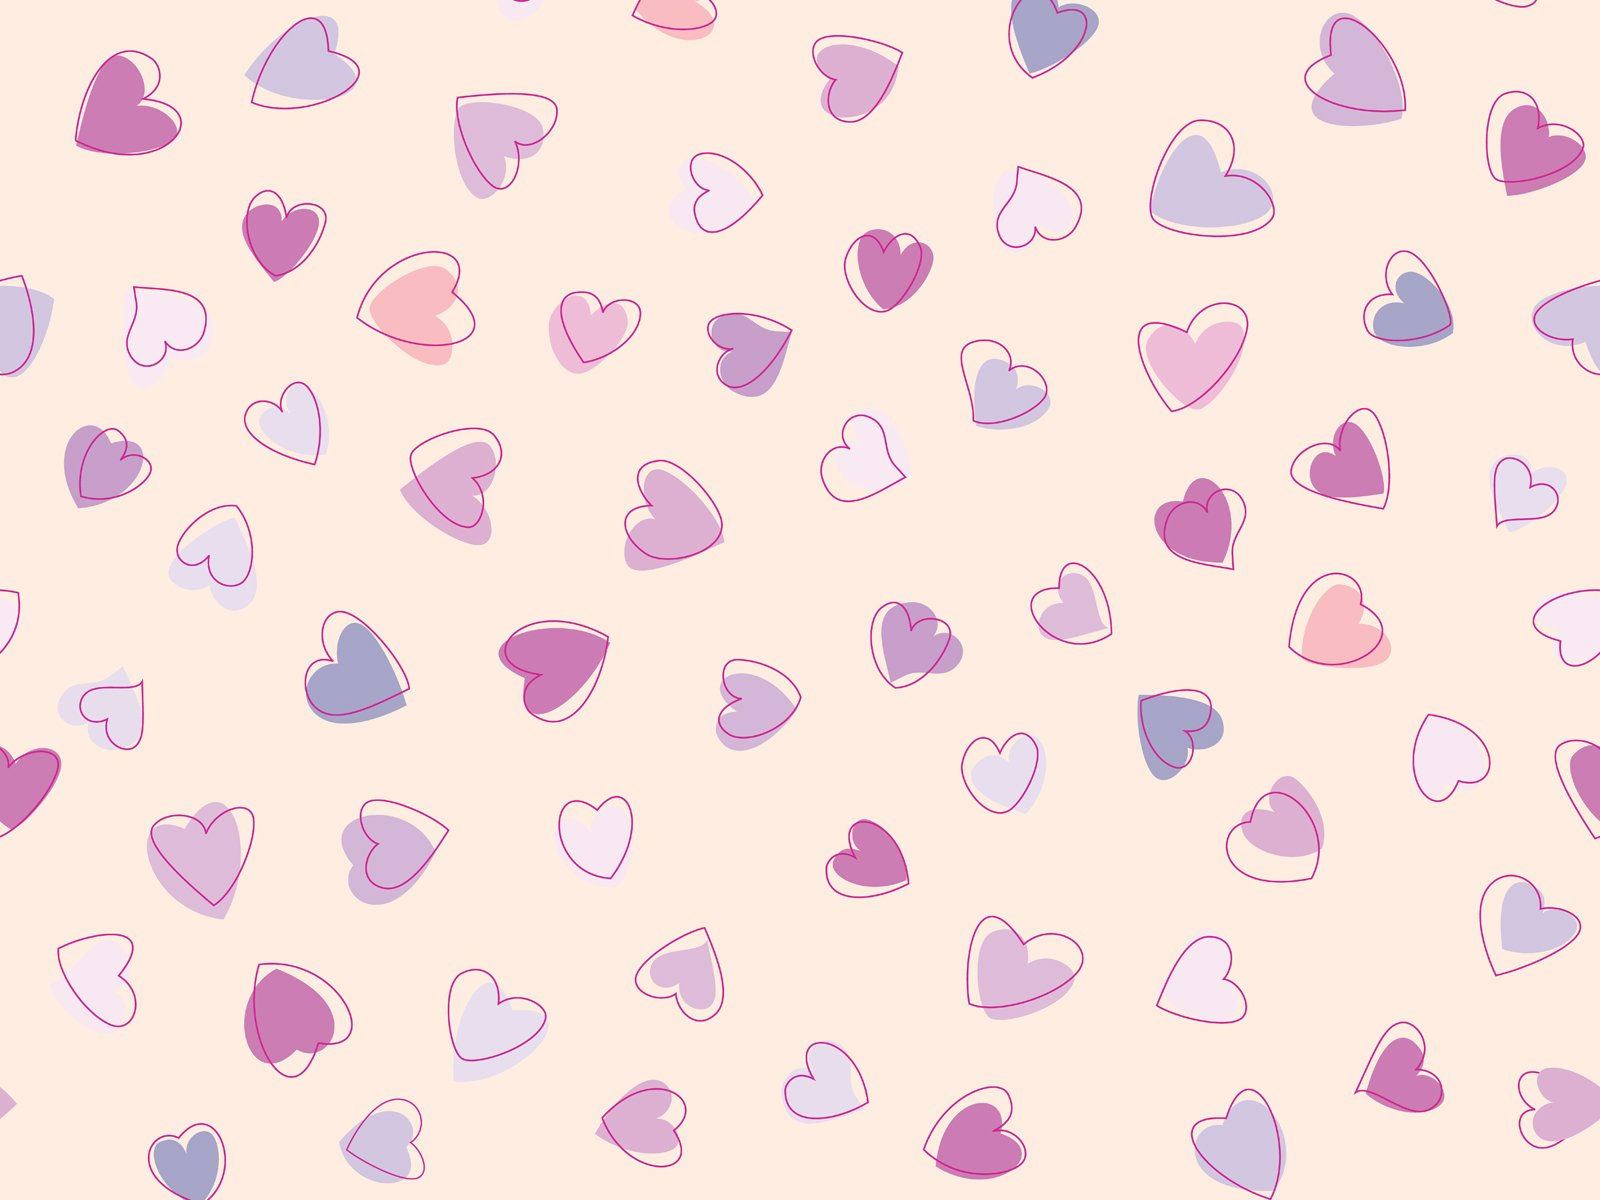 Cute Heart Pattern wallpaper 1600x1200 27954 1600x1200